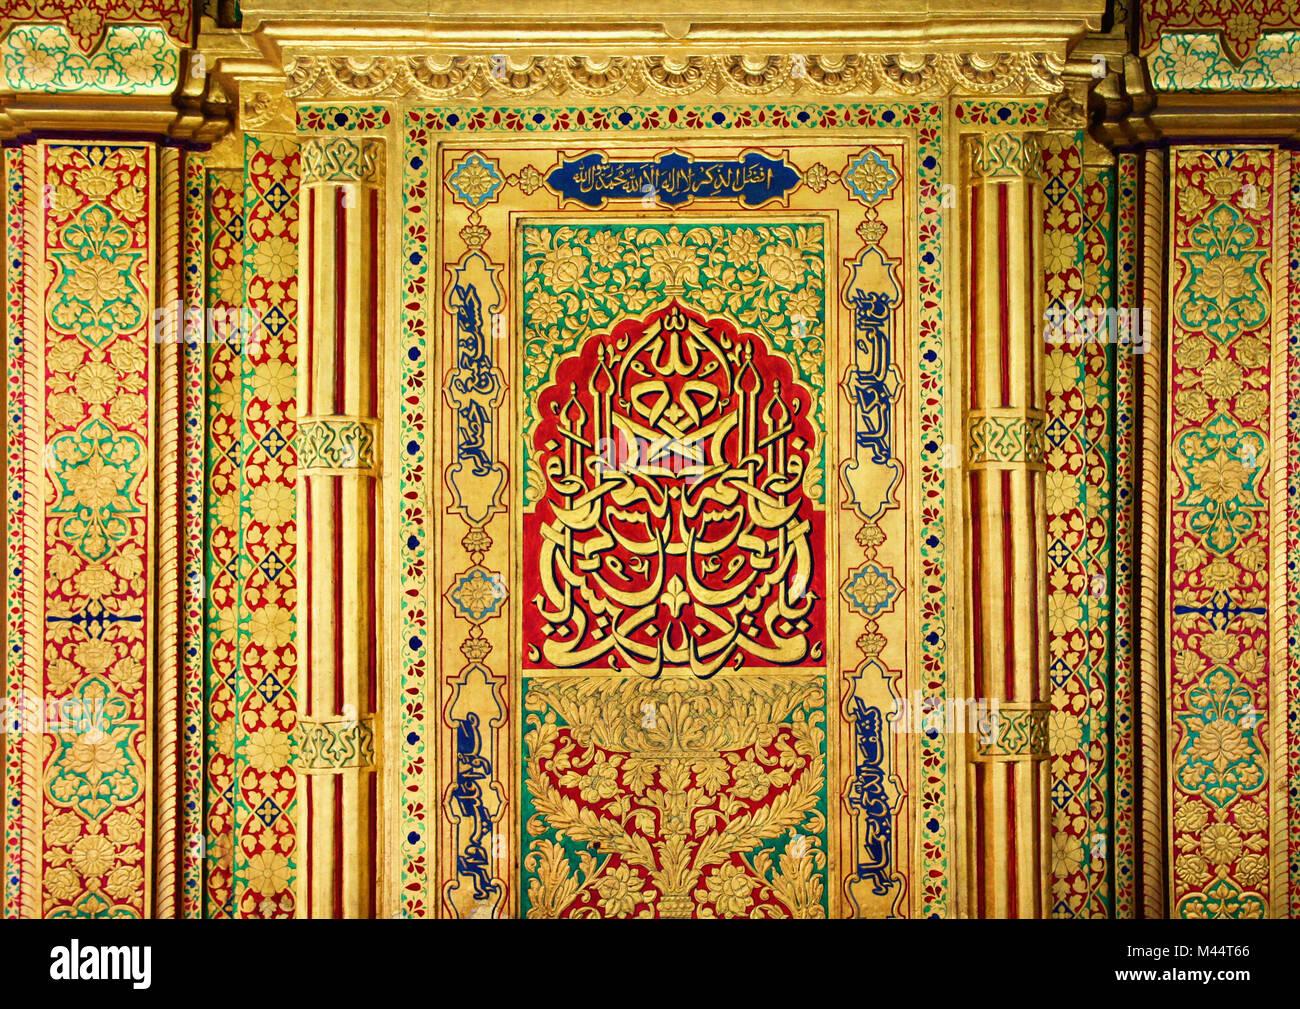 Dargah Hazrat Nizamuddin, Delhi, India Stock Photo